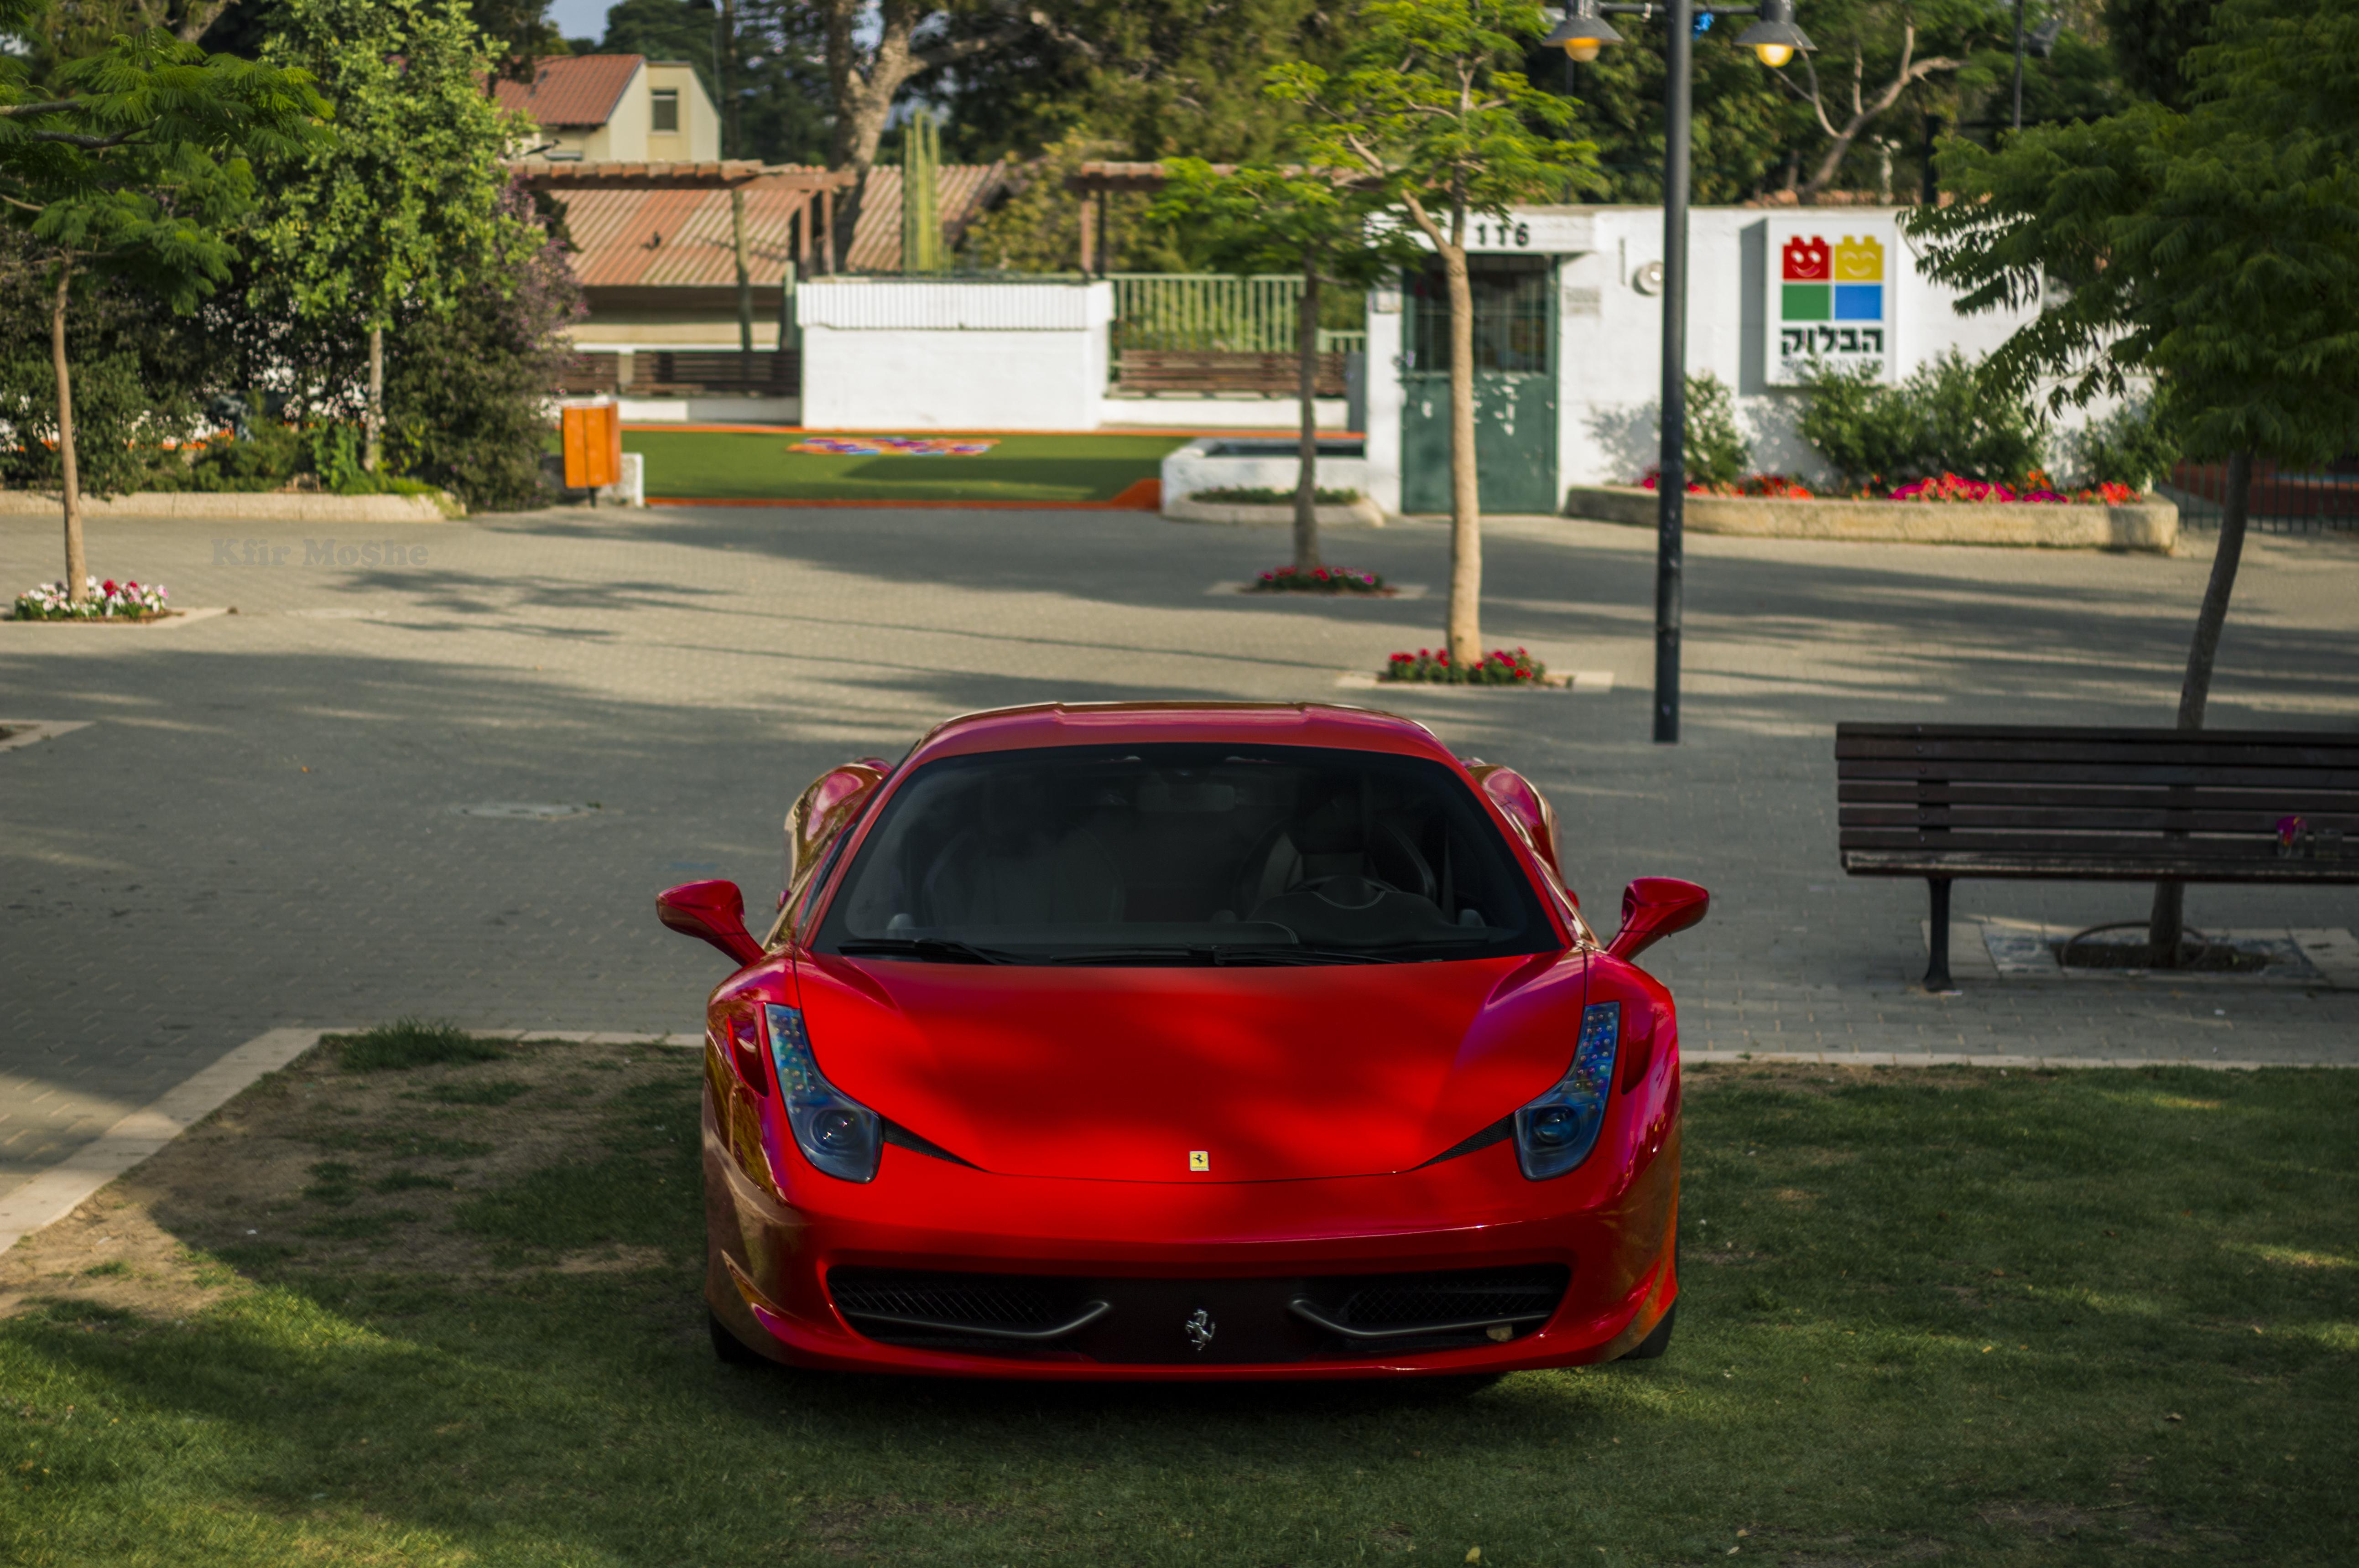 Hintergrundbilder Bilder Auto Rot Autos Kanon Beeindruckend 50mm Foto Tolle öffnung Flickr Italien Motor Schnell Treffen Ferrari F18 Supercar Gruppen 2010 Supercars 2015 458 700d 5171x3438 1025808 Hintergrundbilder Wallhere